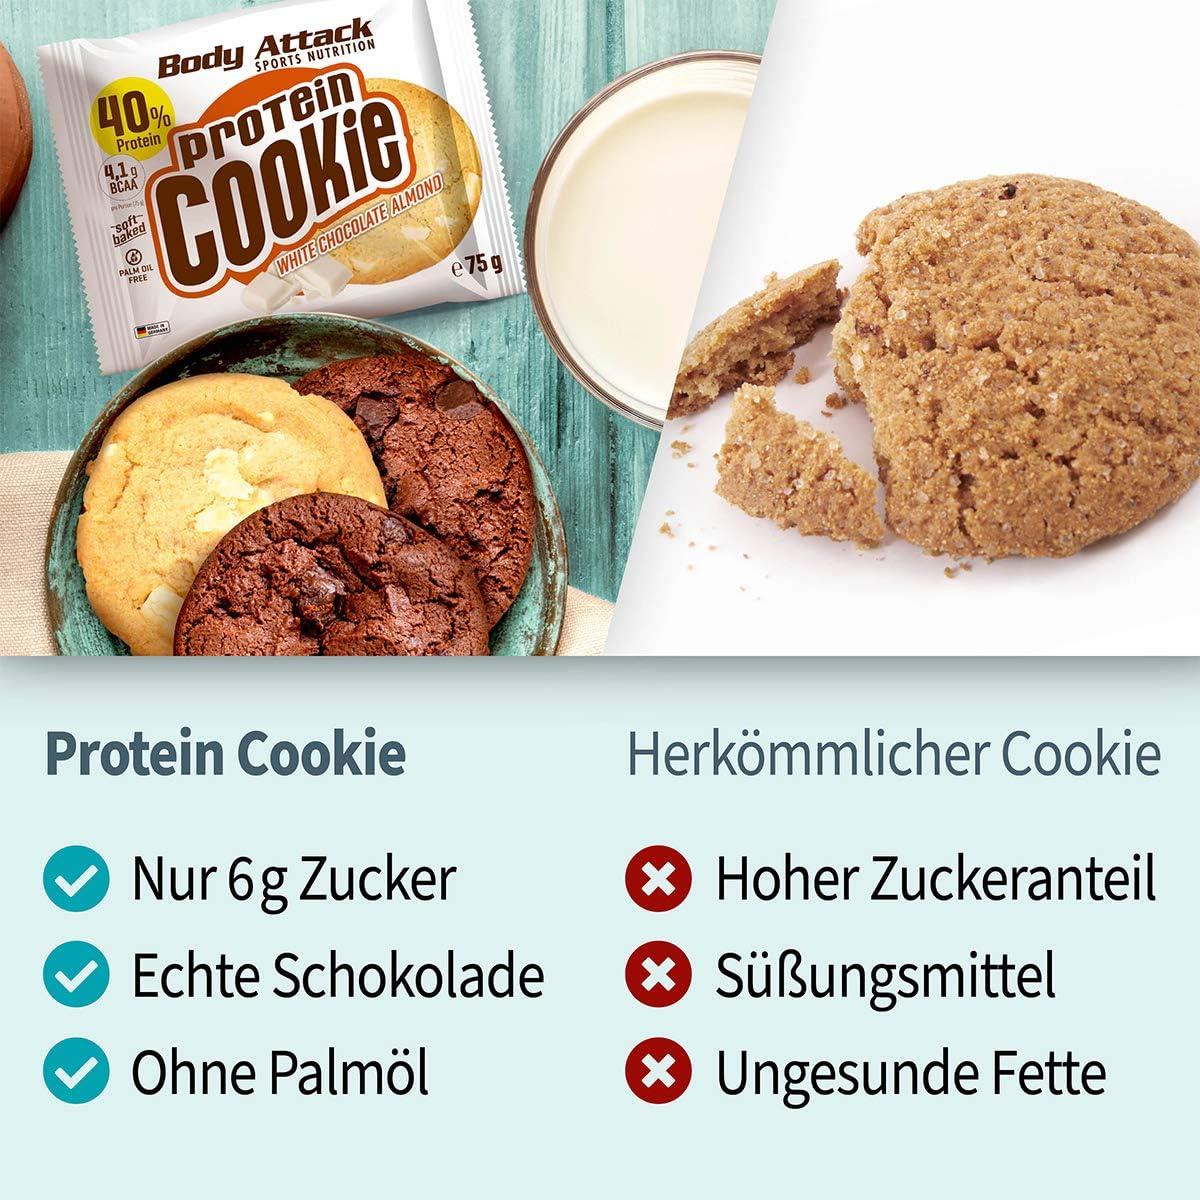 Body Attack Protein Cookie, Kekse einzeln verpackt, Gesunde Snacks mit viel Protein, 12 x 75g (White Chocolate Almond)